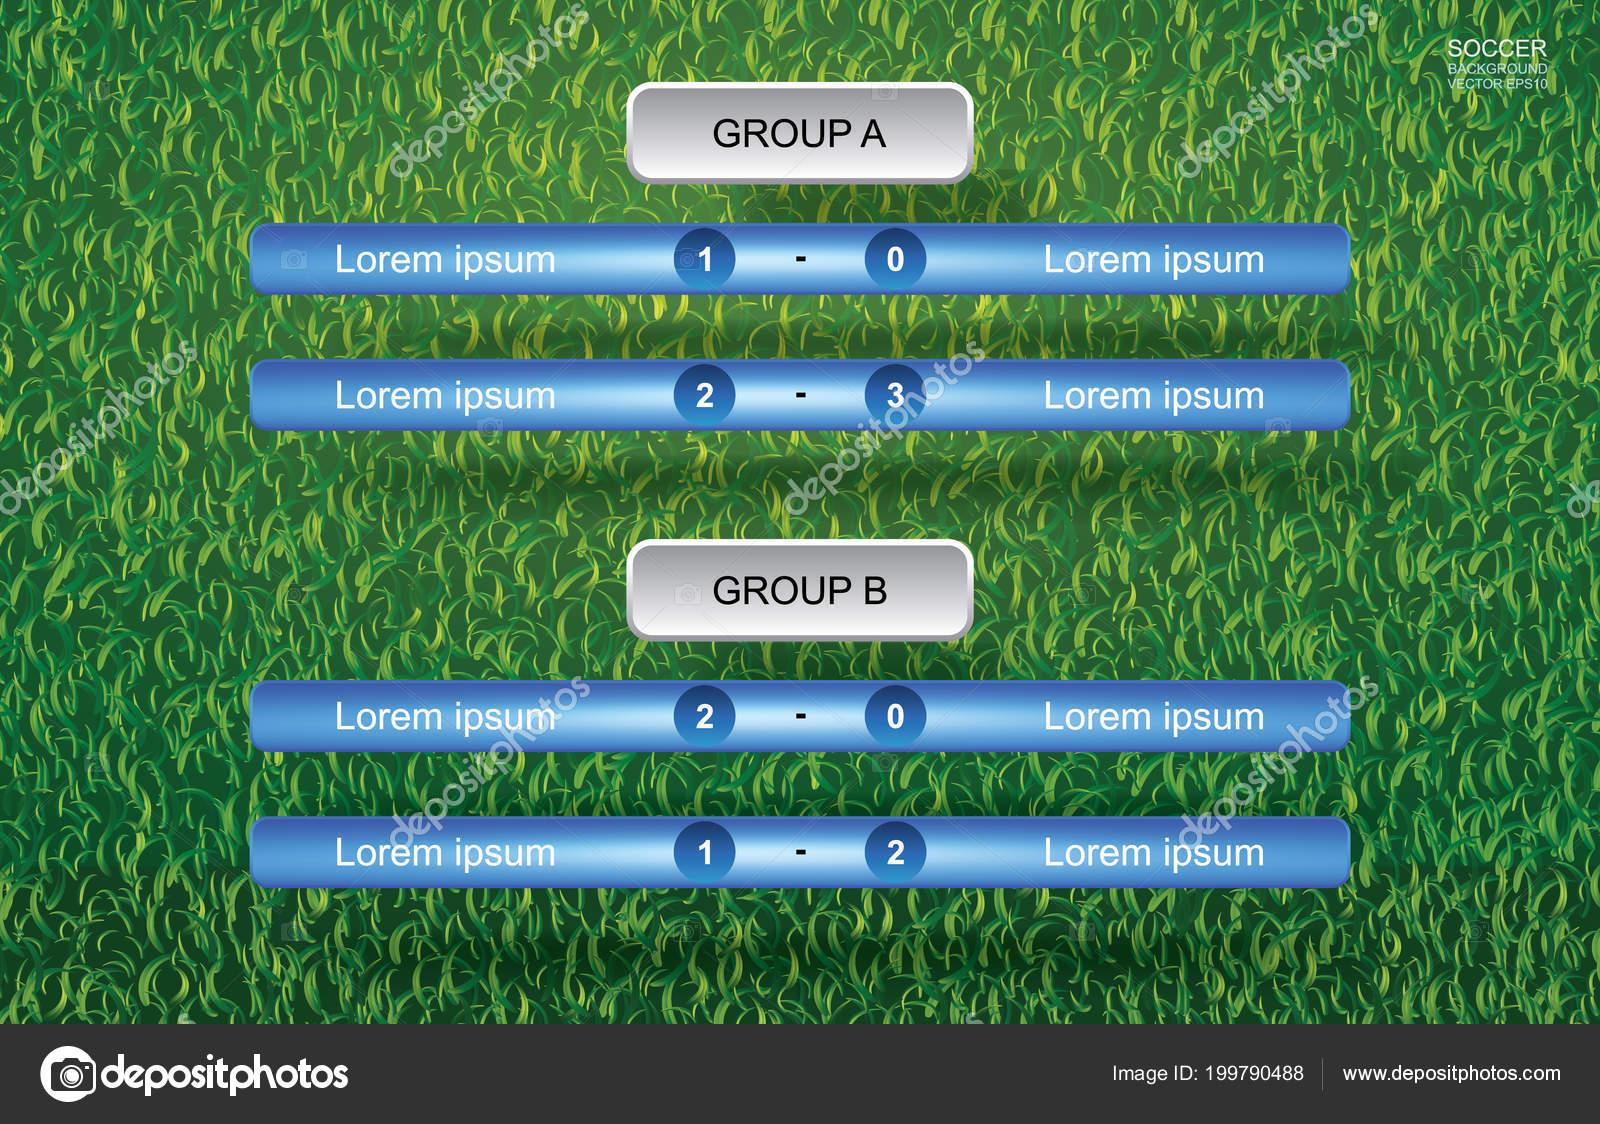 Calendario Campionato Di Calcio.Fiammifero Sfondo Calendario Campionato Calcio Calcio Con